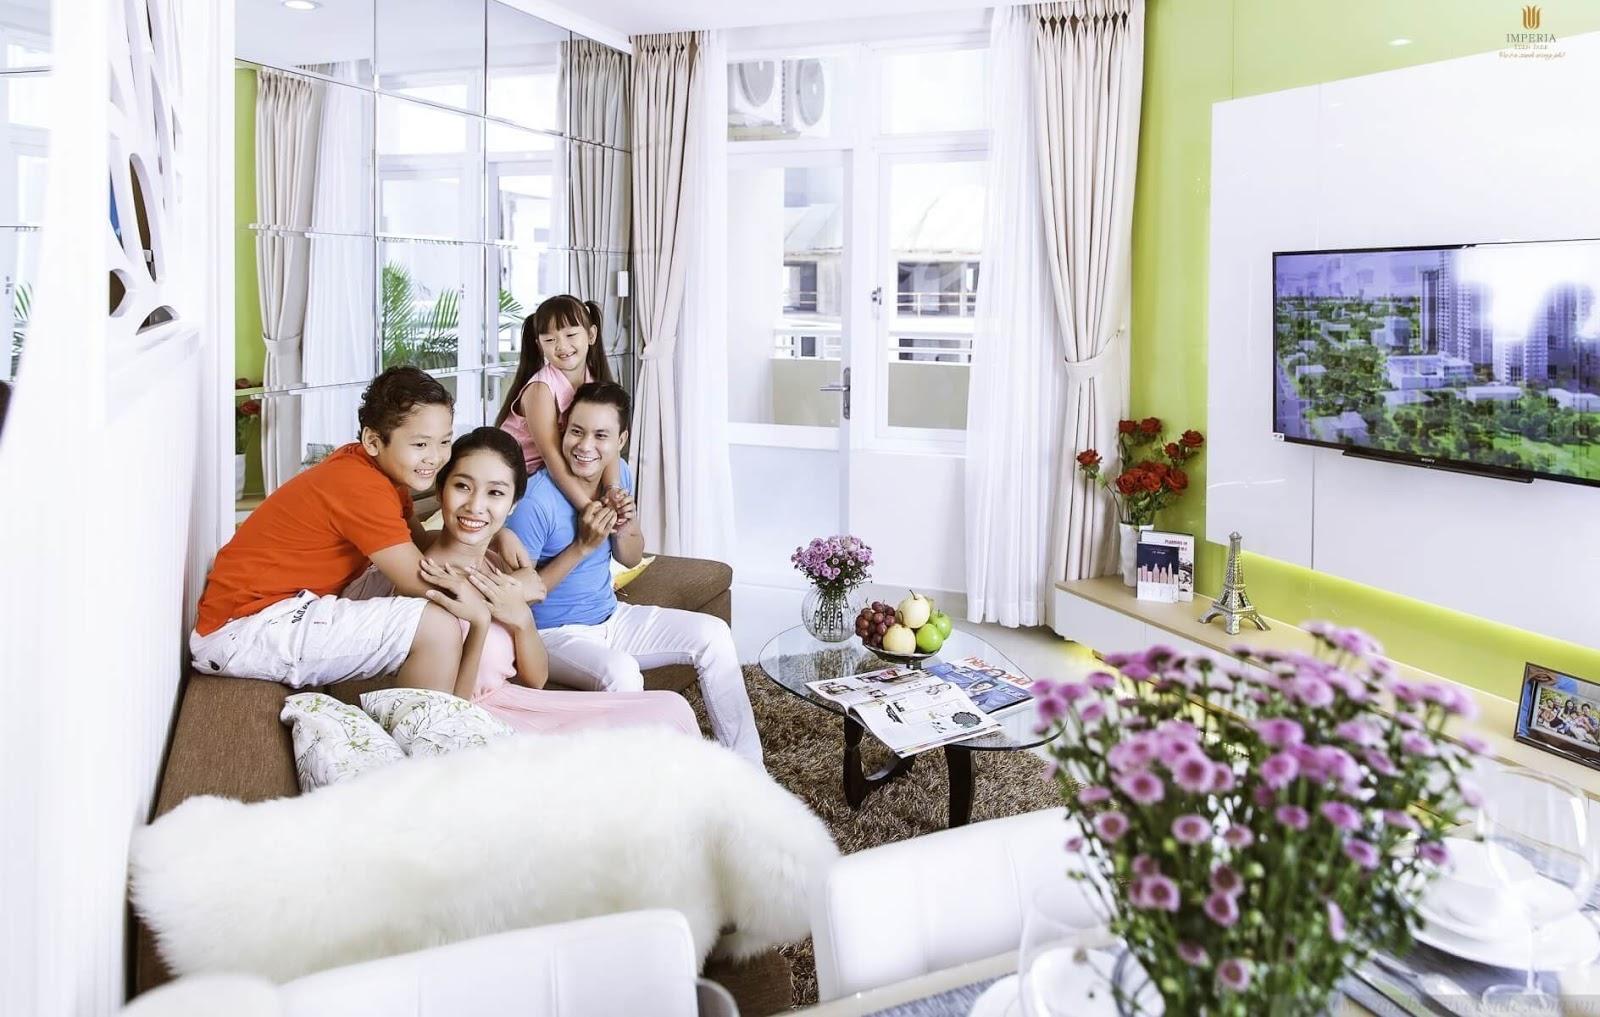 Mong muốn của gia đình trẻ là sở hữu căn hộ với chức năng sống cơ bản có mức giá phù hợp.